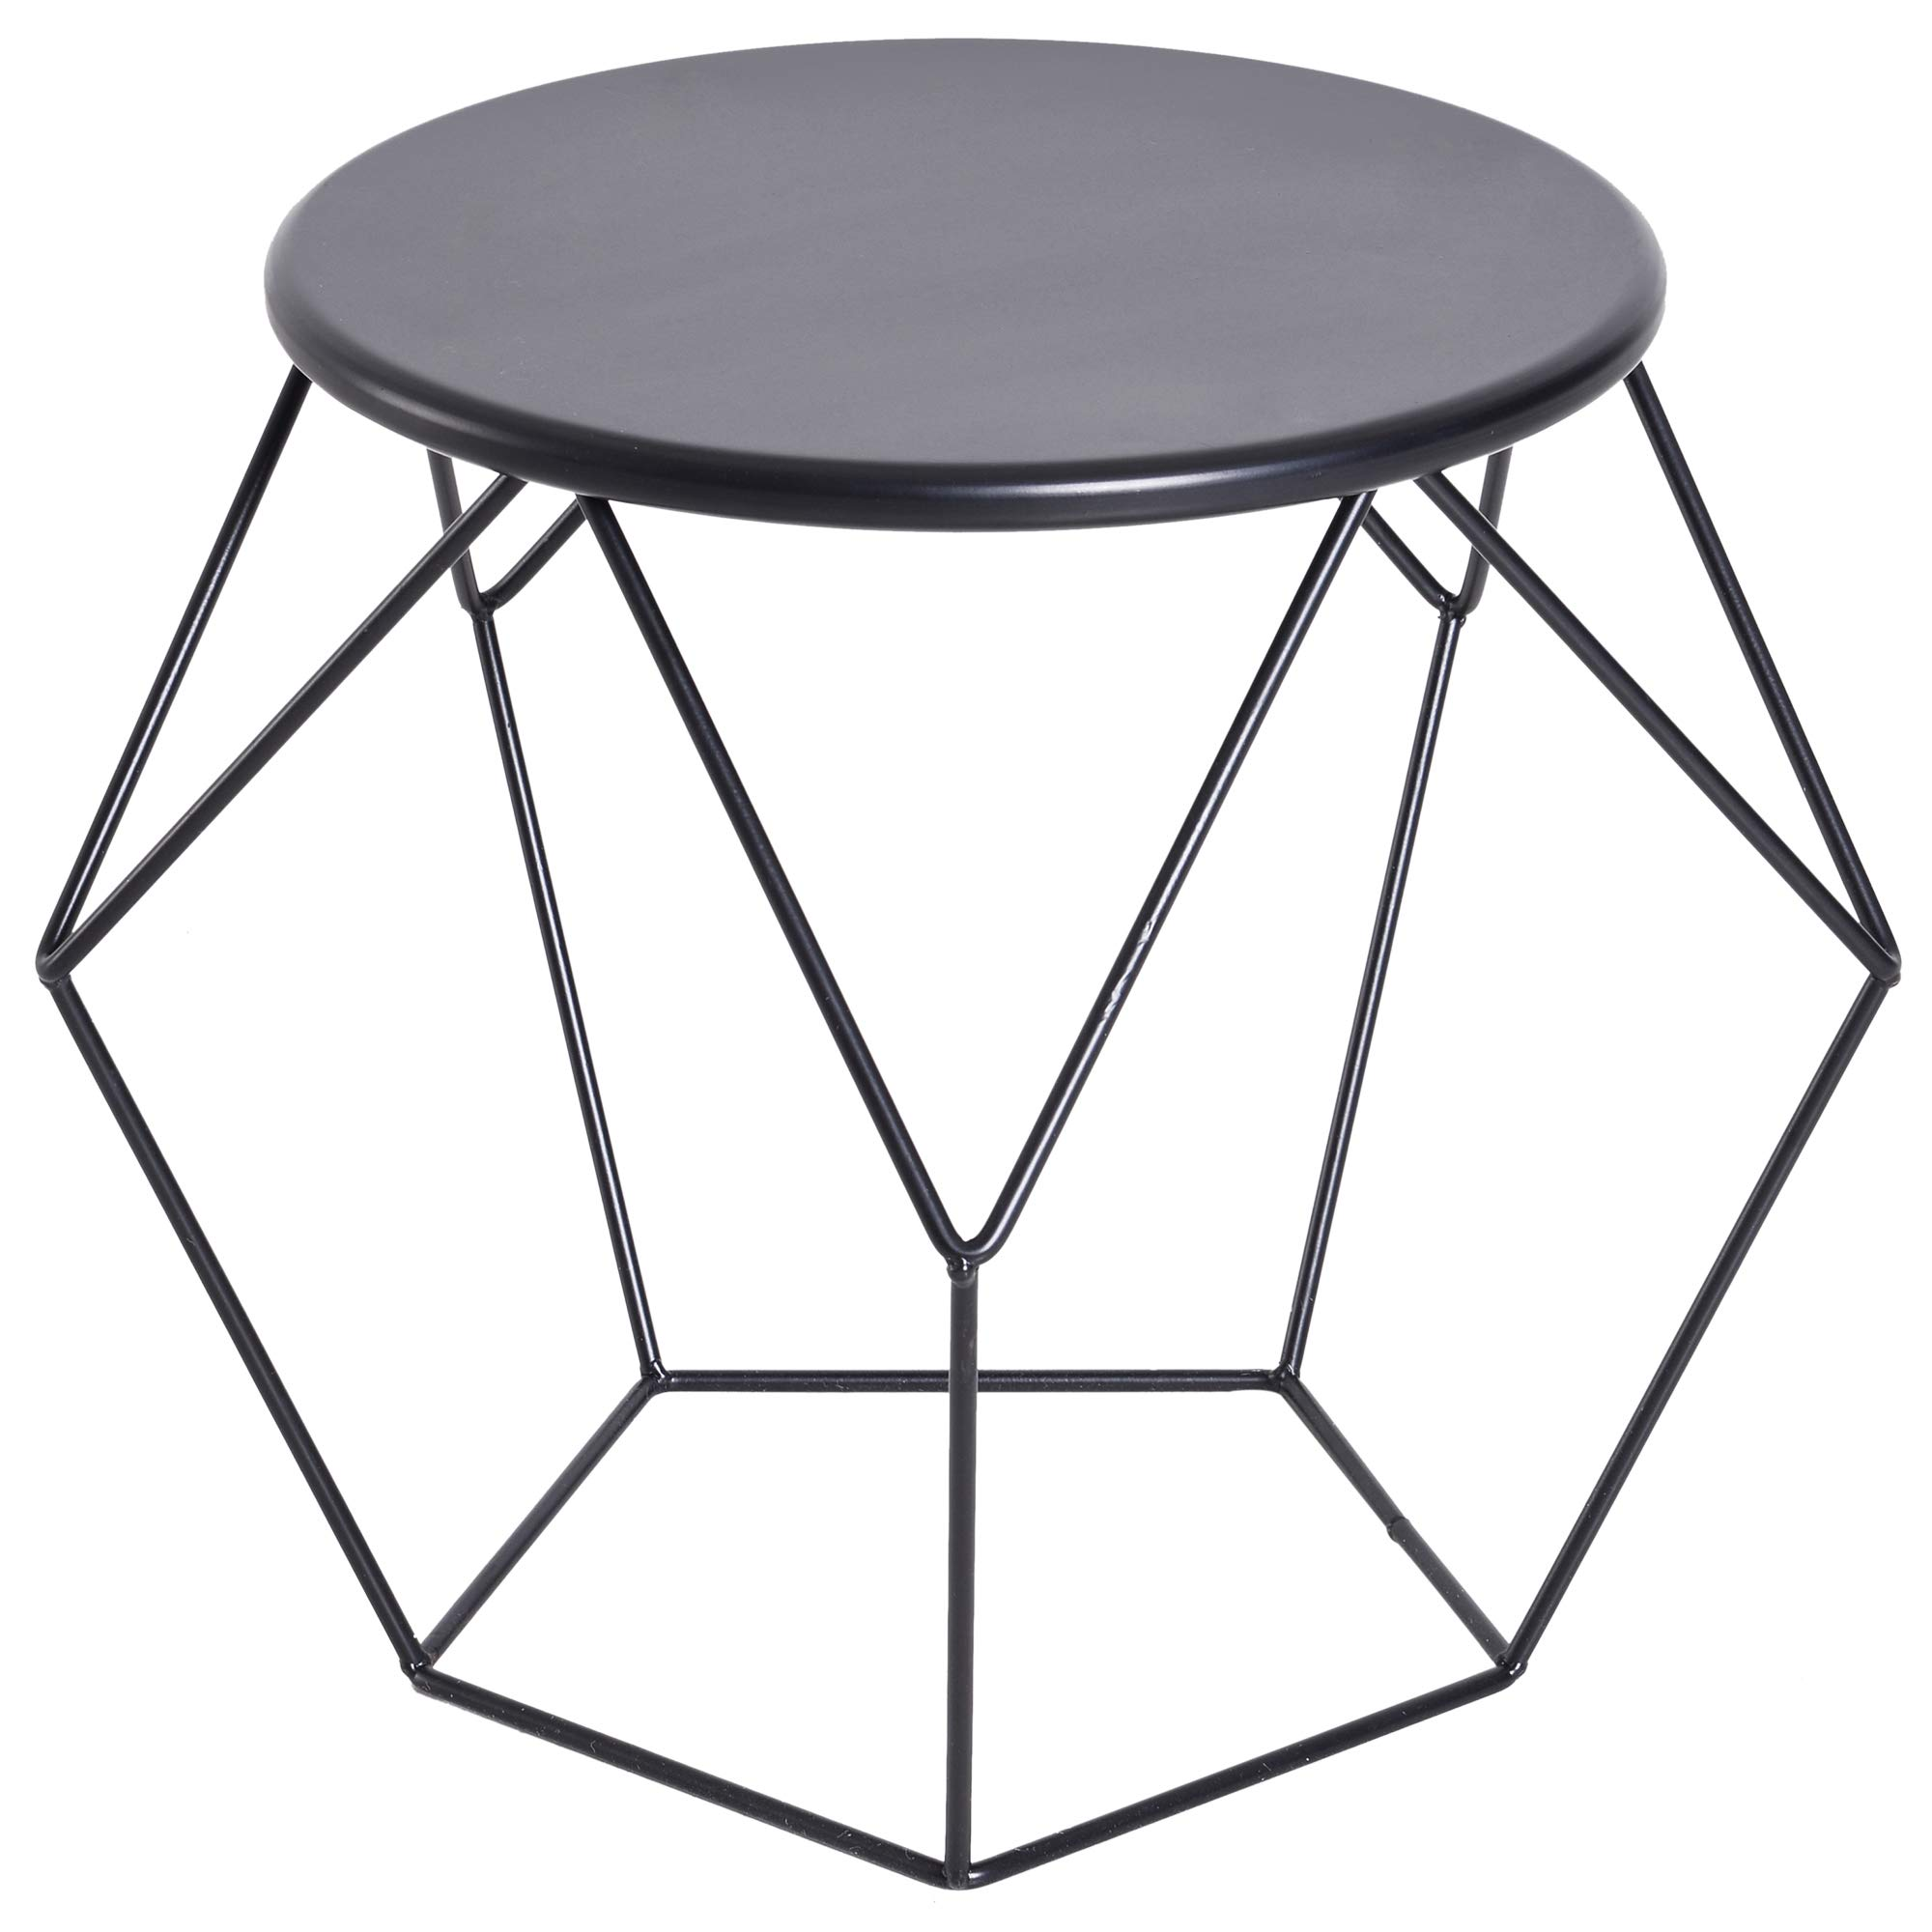 Acier Rétro Ronde Basse Cm Déco 40 Design Noir Ø X Table Royale Dim54l Homcom Plateau Industriel 44h Néo mnOvNw08